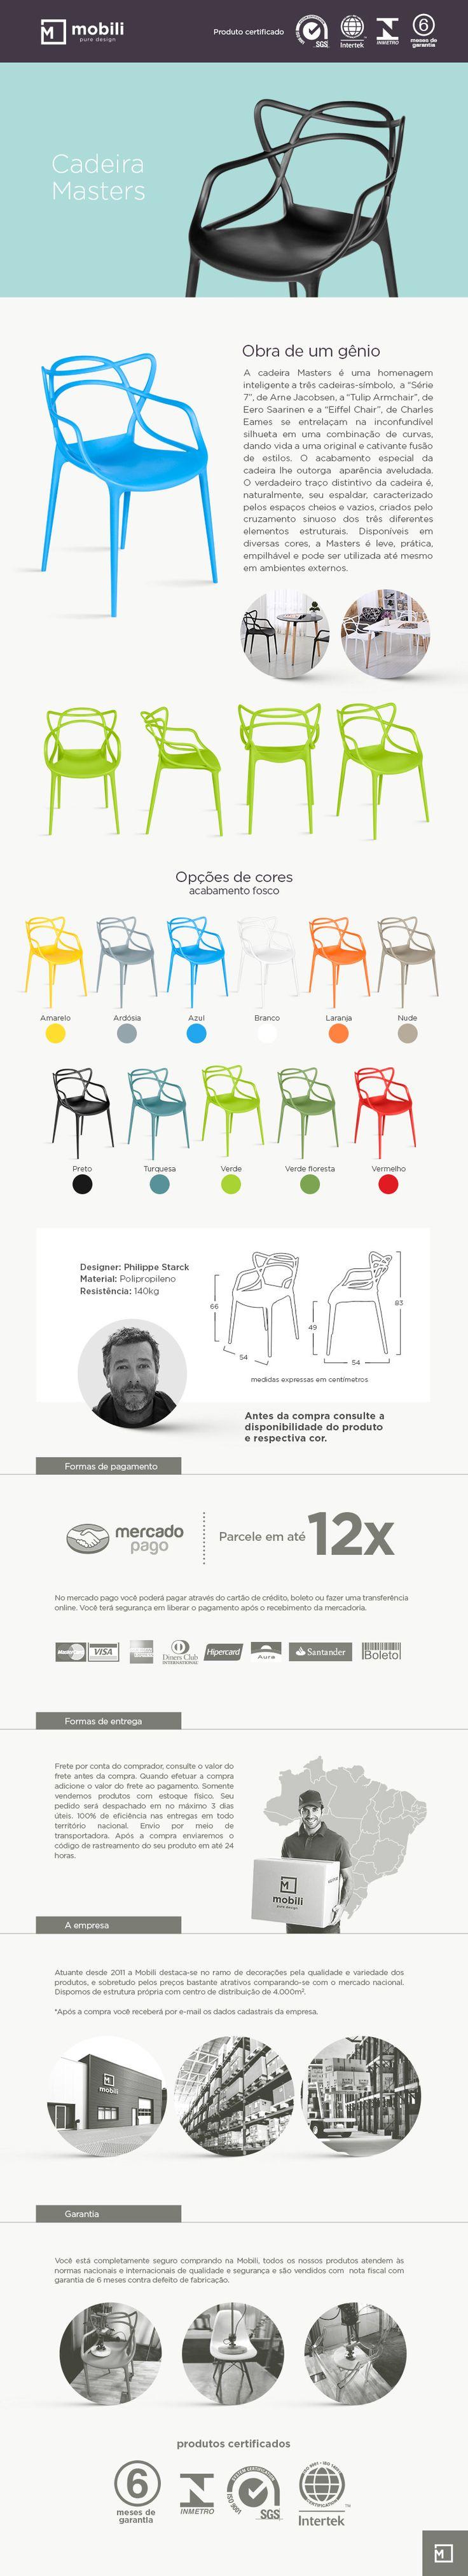 Cadeira Masters - Cadeira Allegra - Design - Várias Cores - R$ 169,00